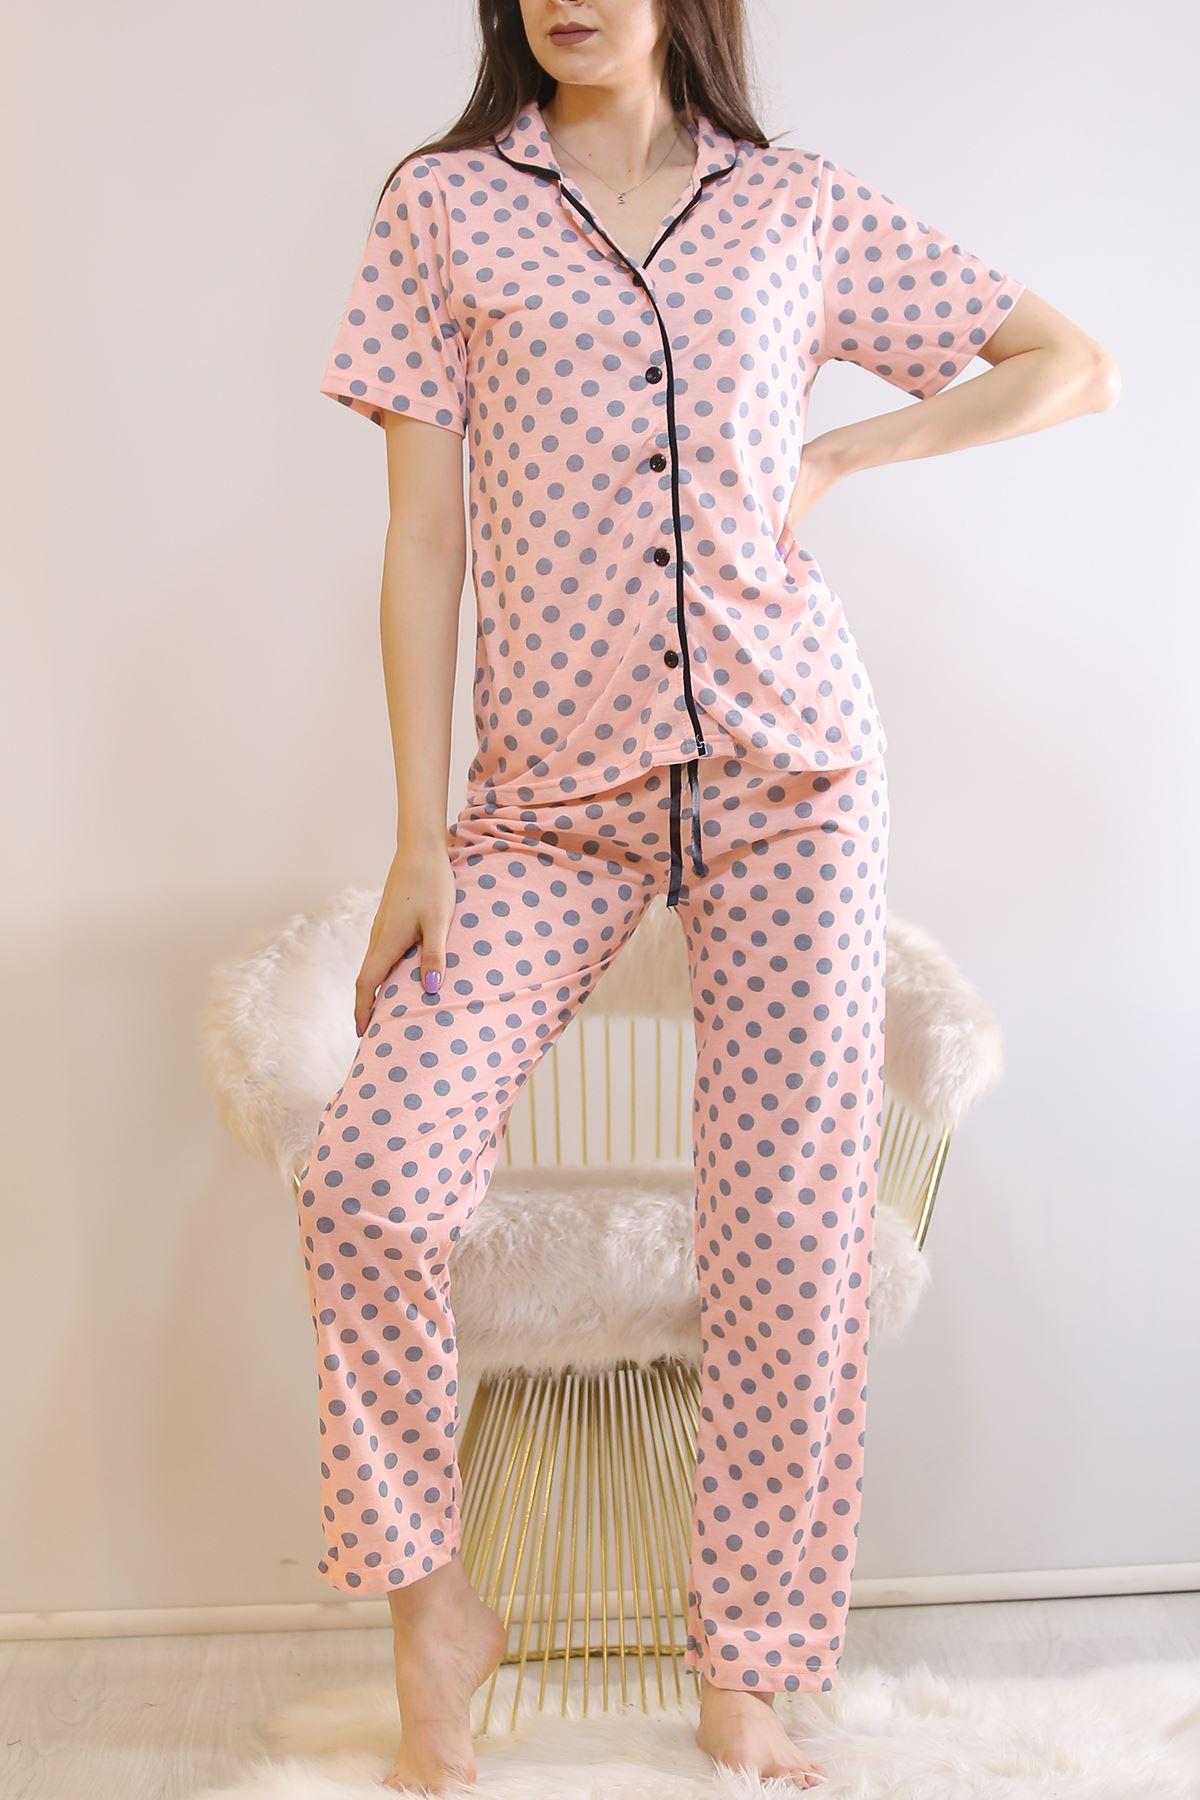 Düğmeli Pijama Takımı Pudrapuanlı - 4782.102.